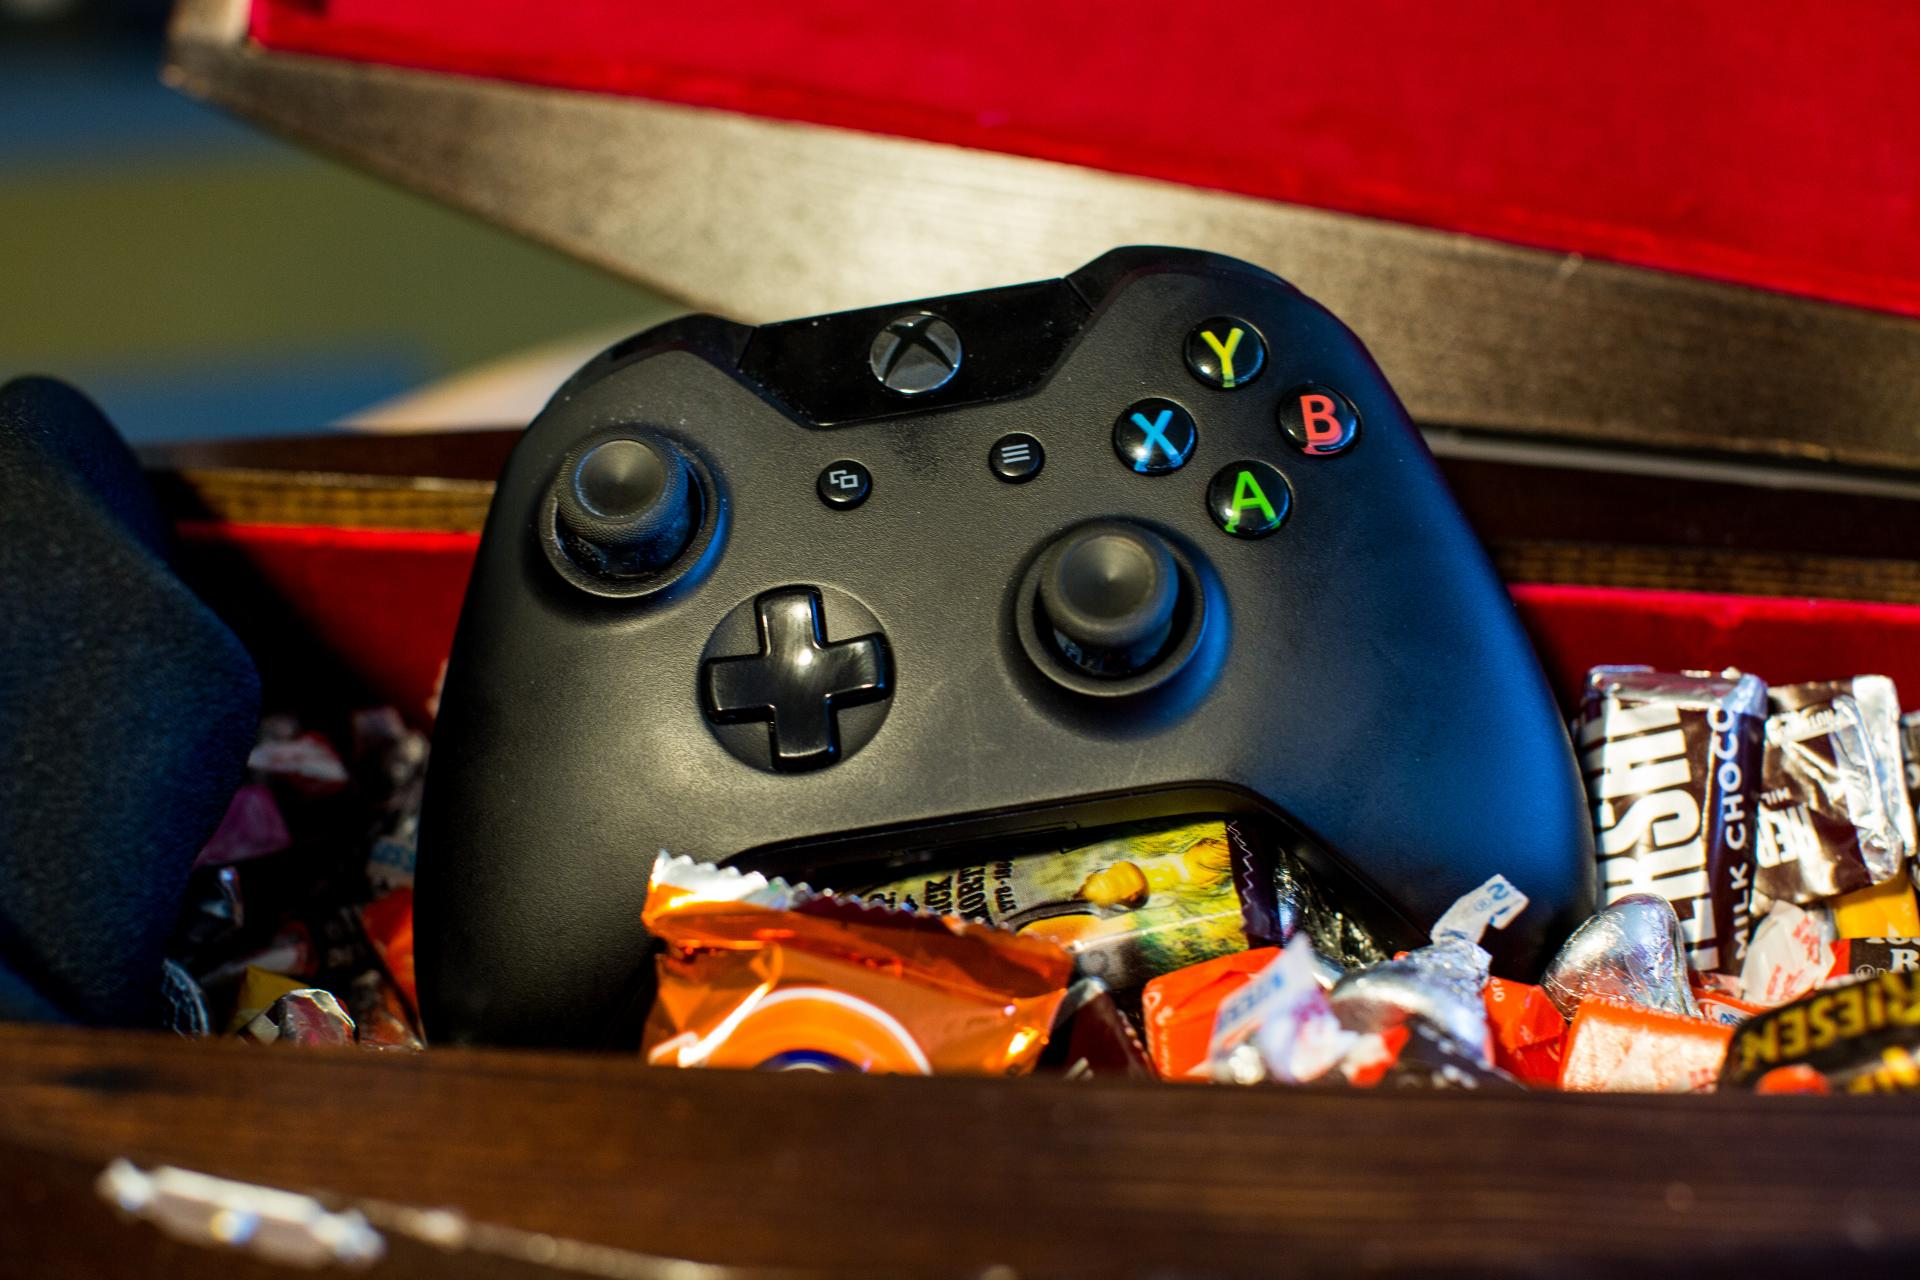 Manette Xbox One contre Manette DualShock 4 : Quelle est la meilleure pour les jeux PC ?